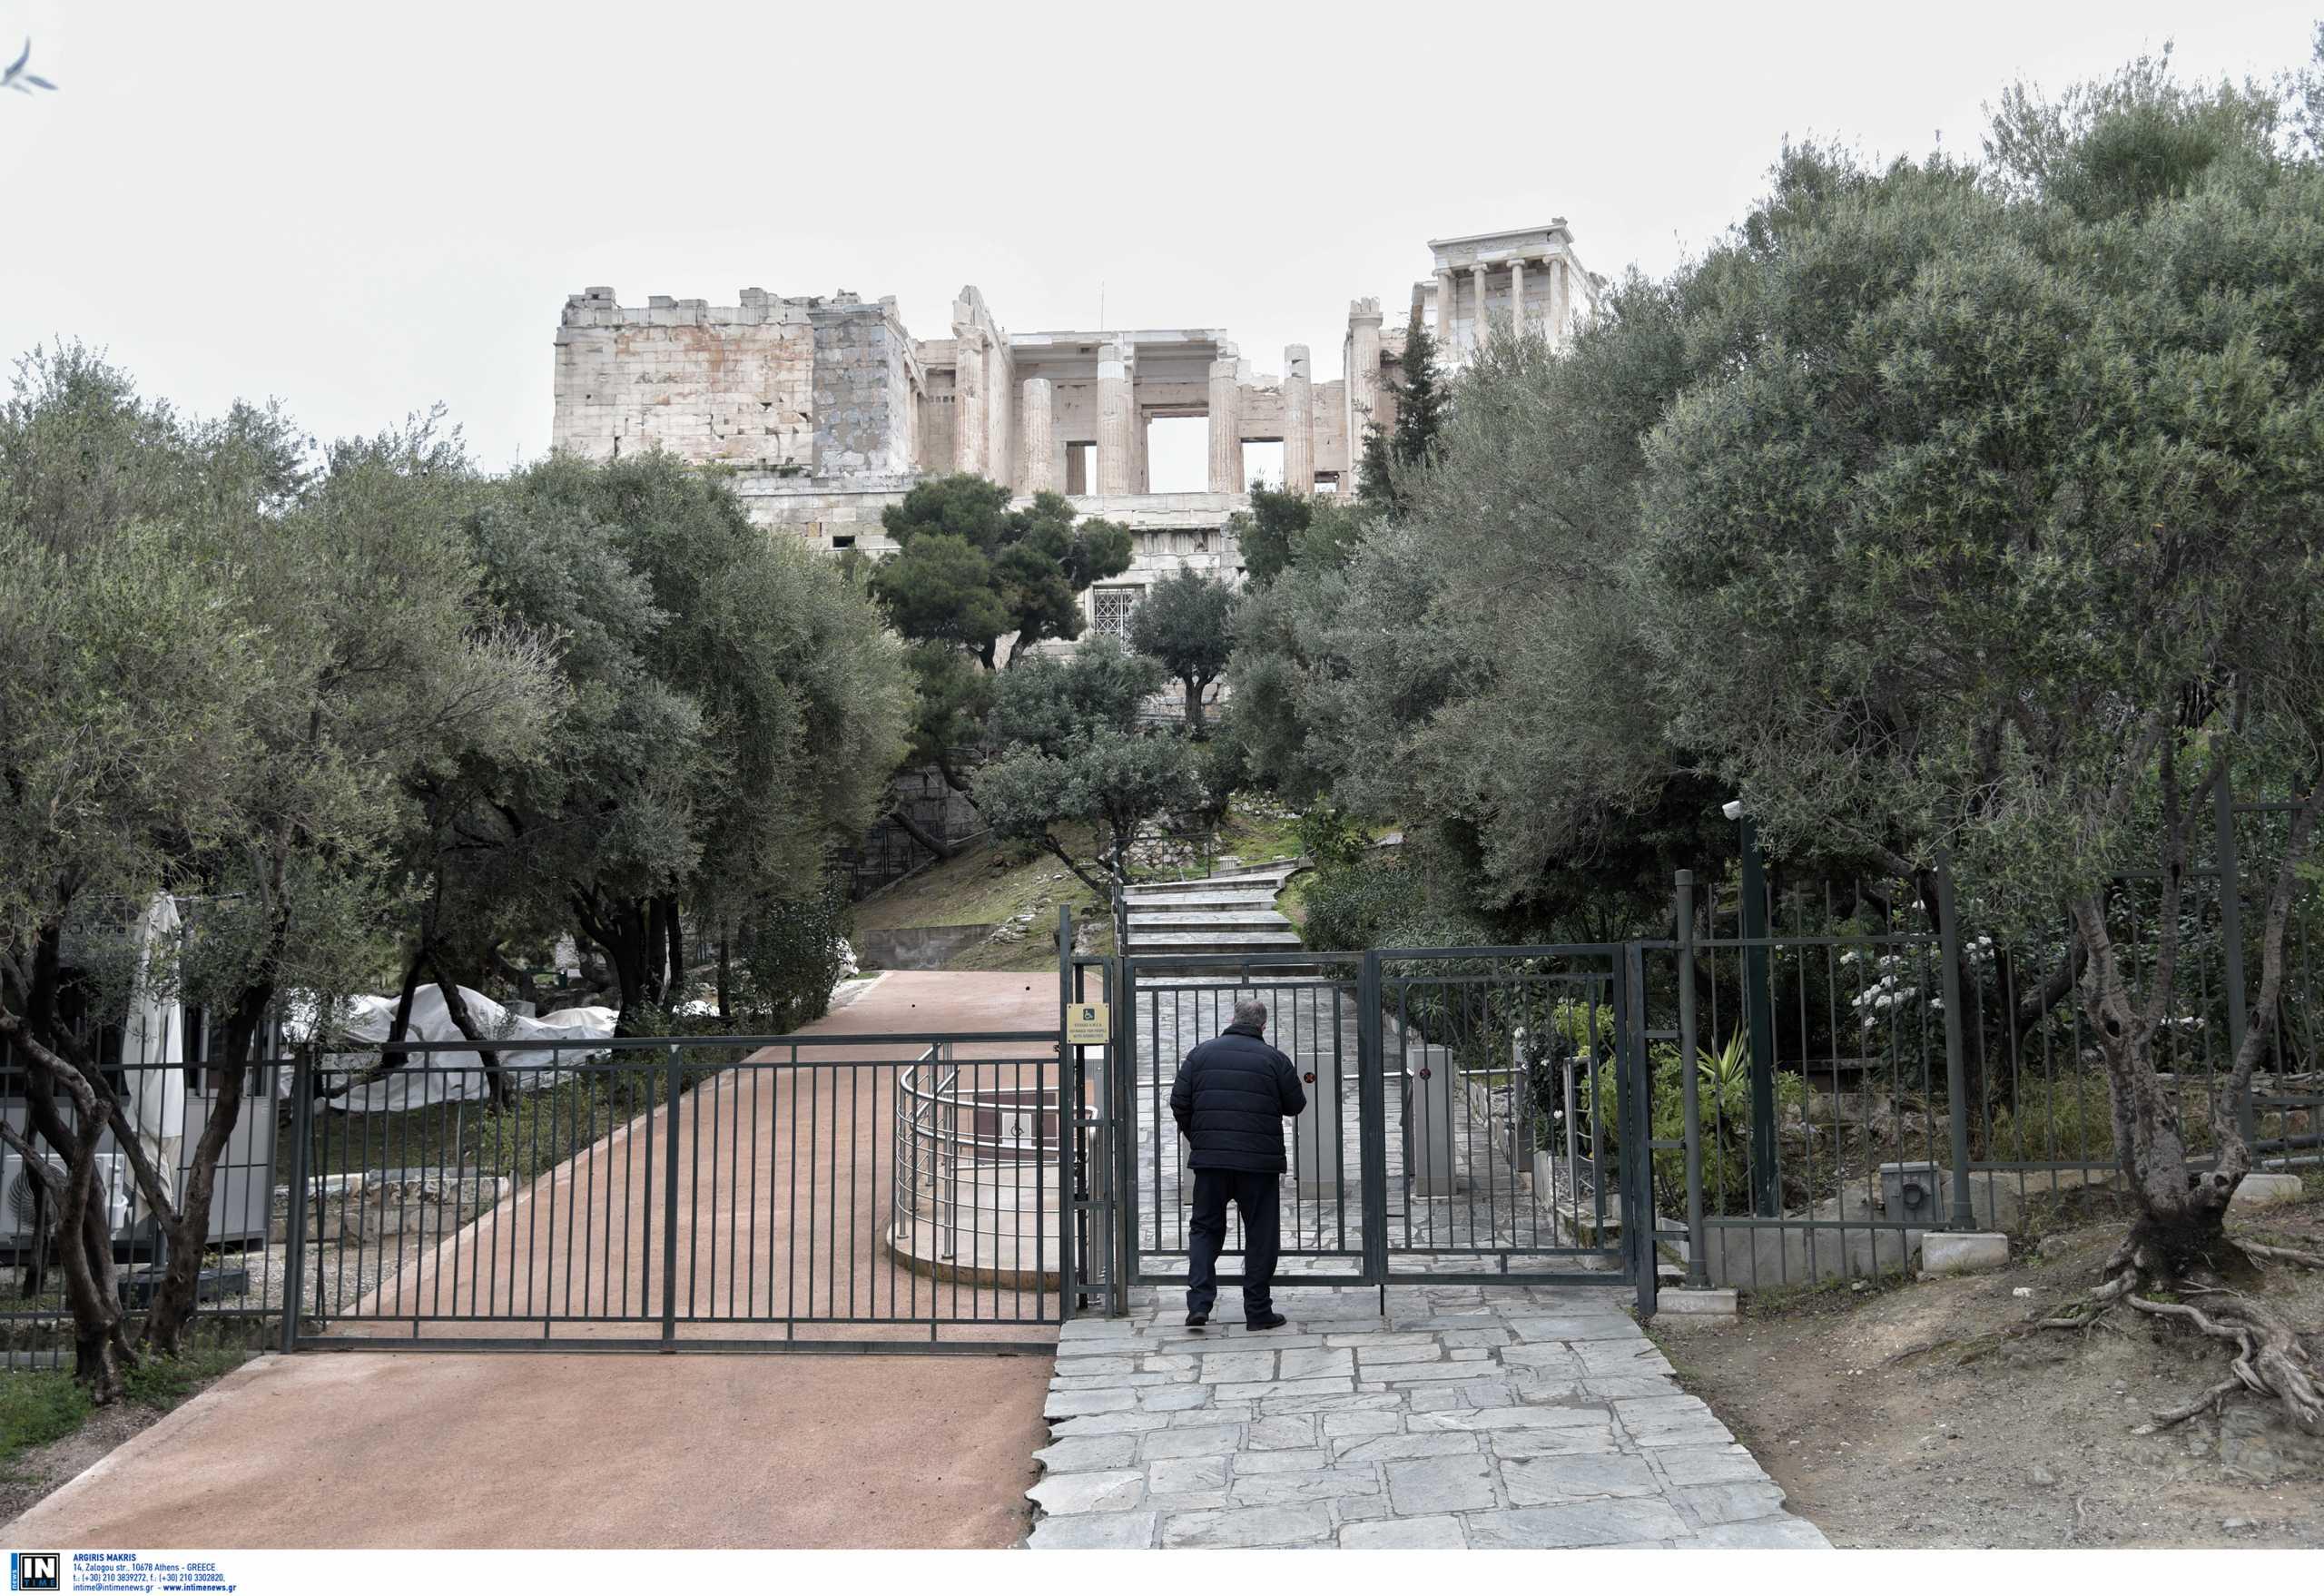 Πρόσκληση Μενδώνη σε Τσίπρα να τον ξεναγήσει στην Ακρόπολη